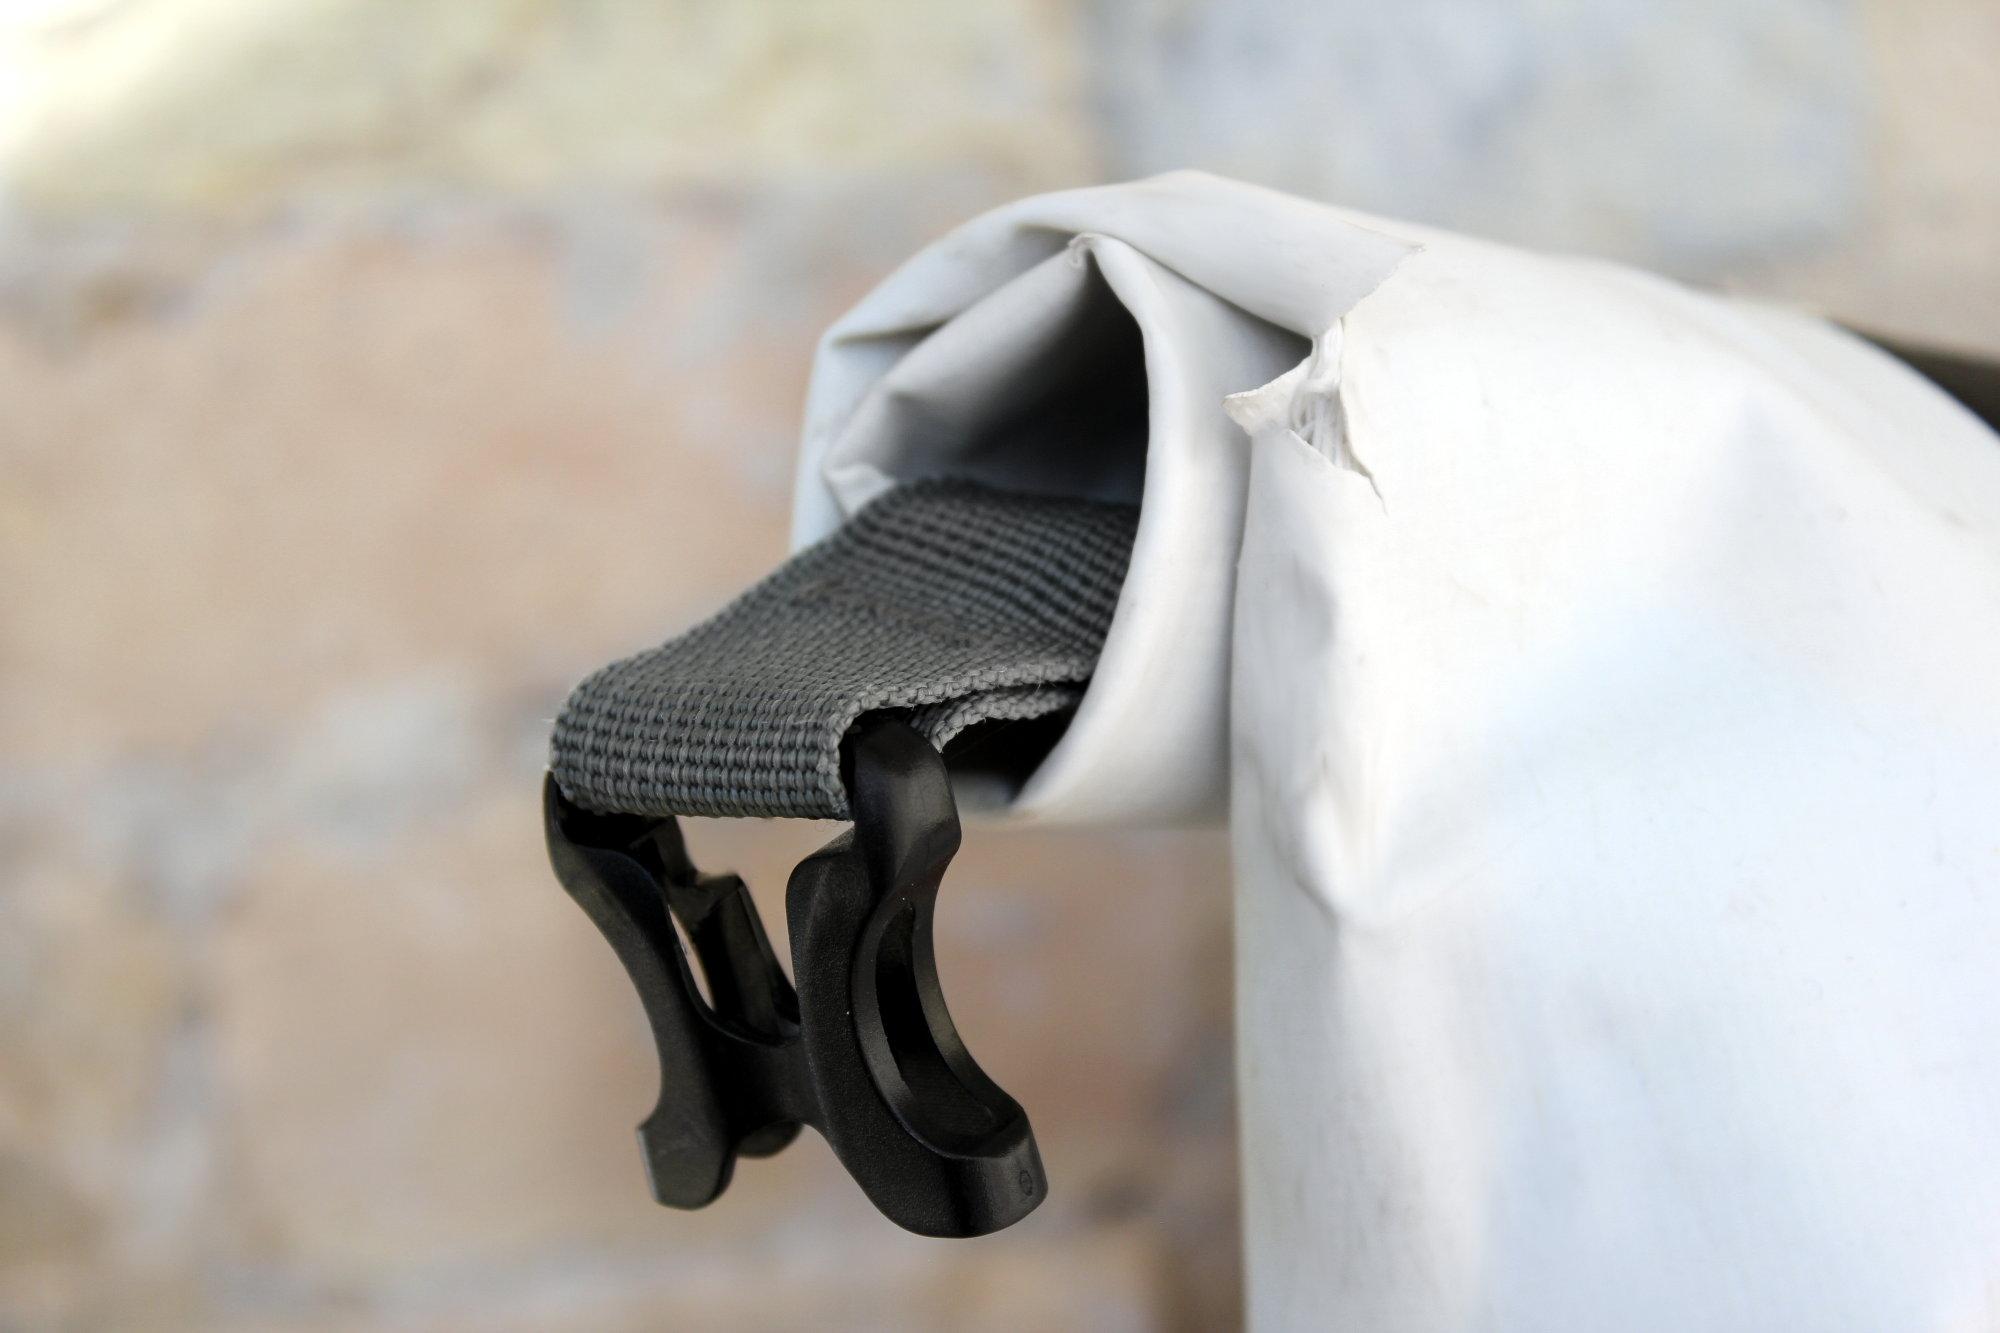 Los años han terminado agrietando el textil a la altura del cierre, ¡pero la mochila sigue siendo impermeable!